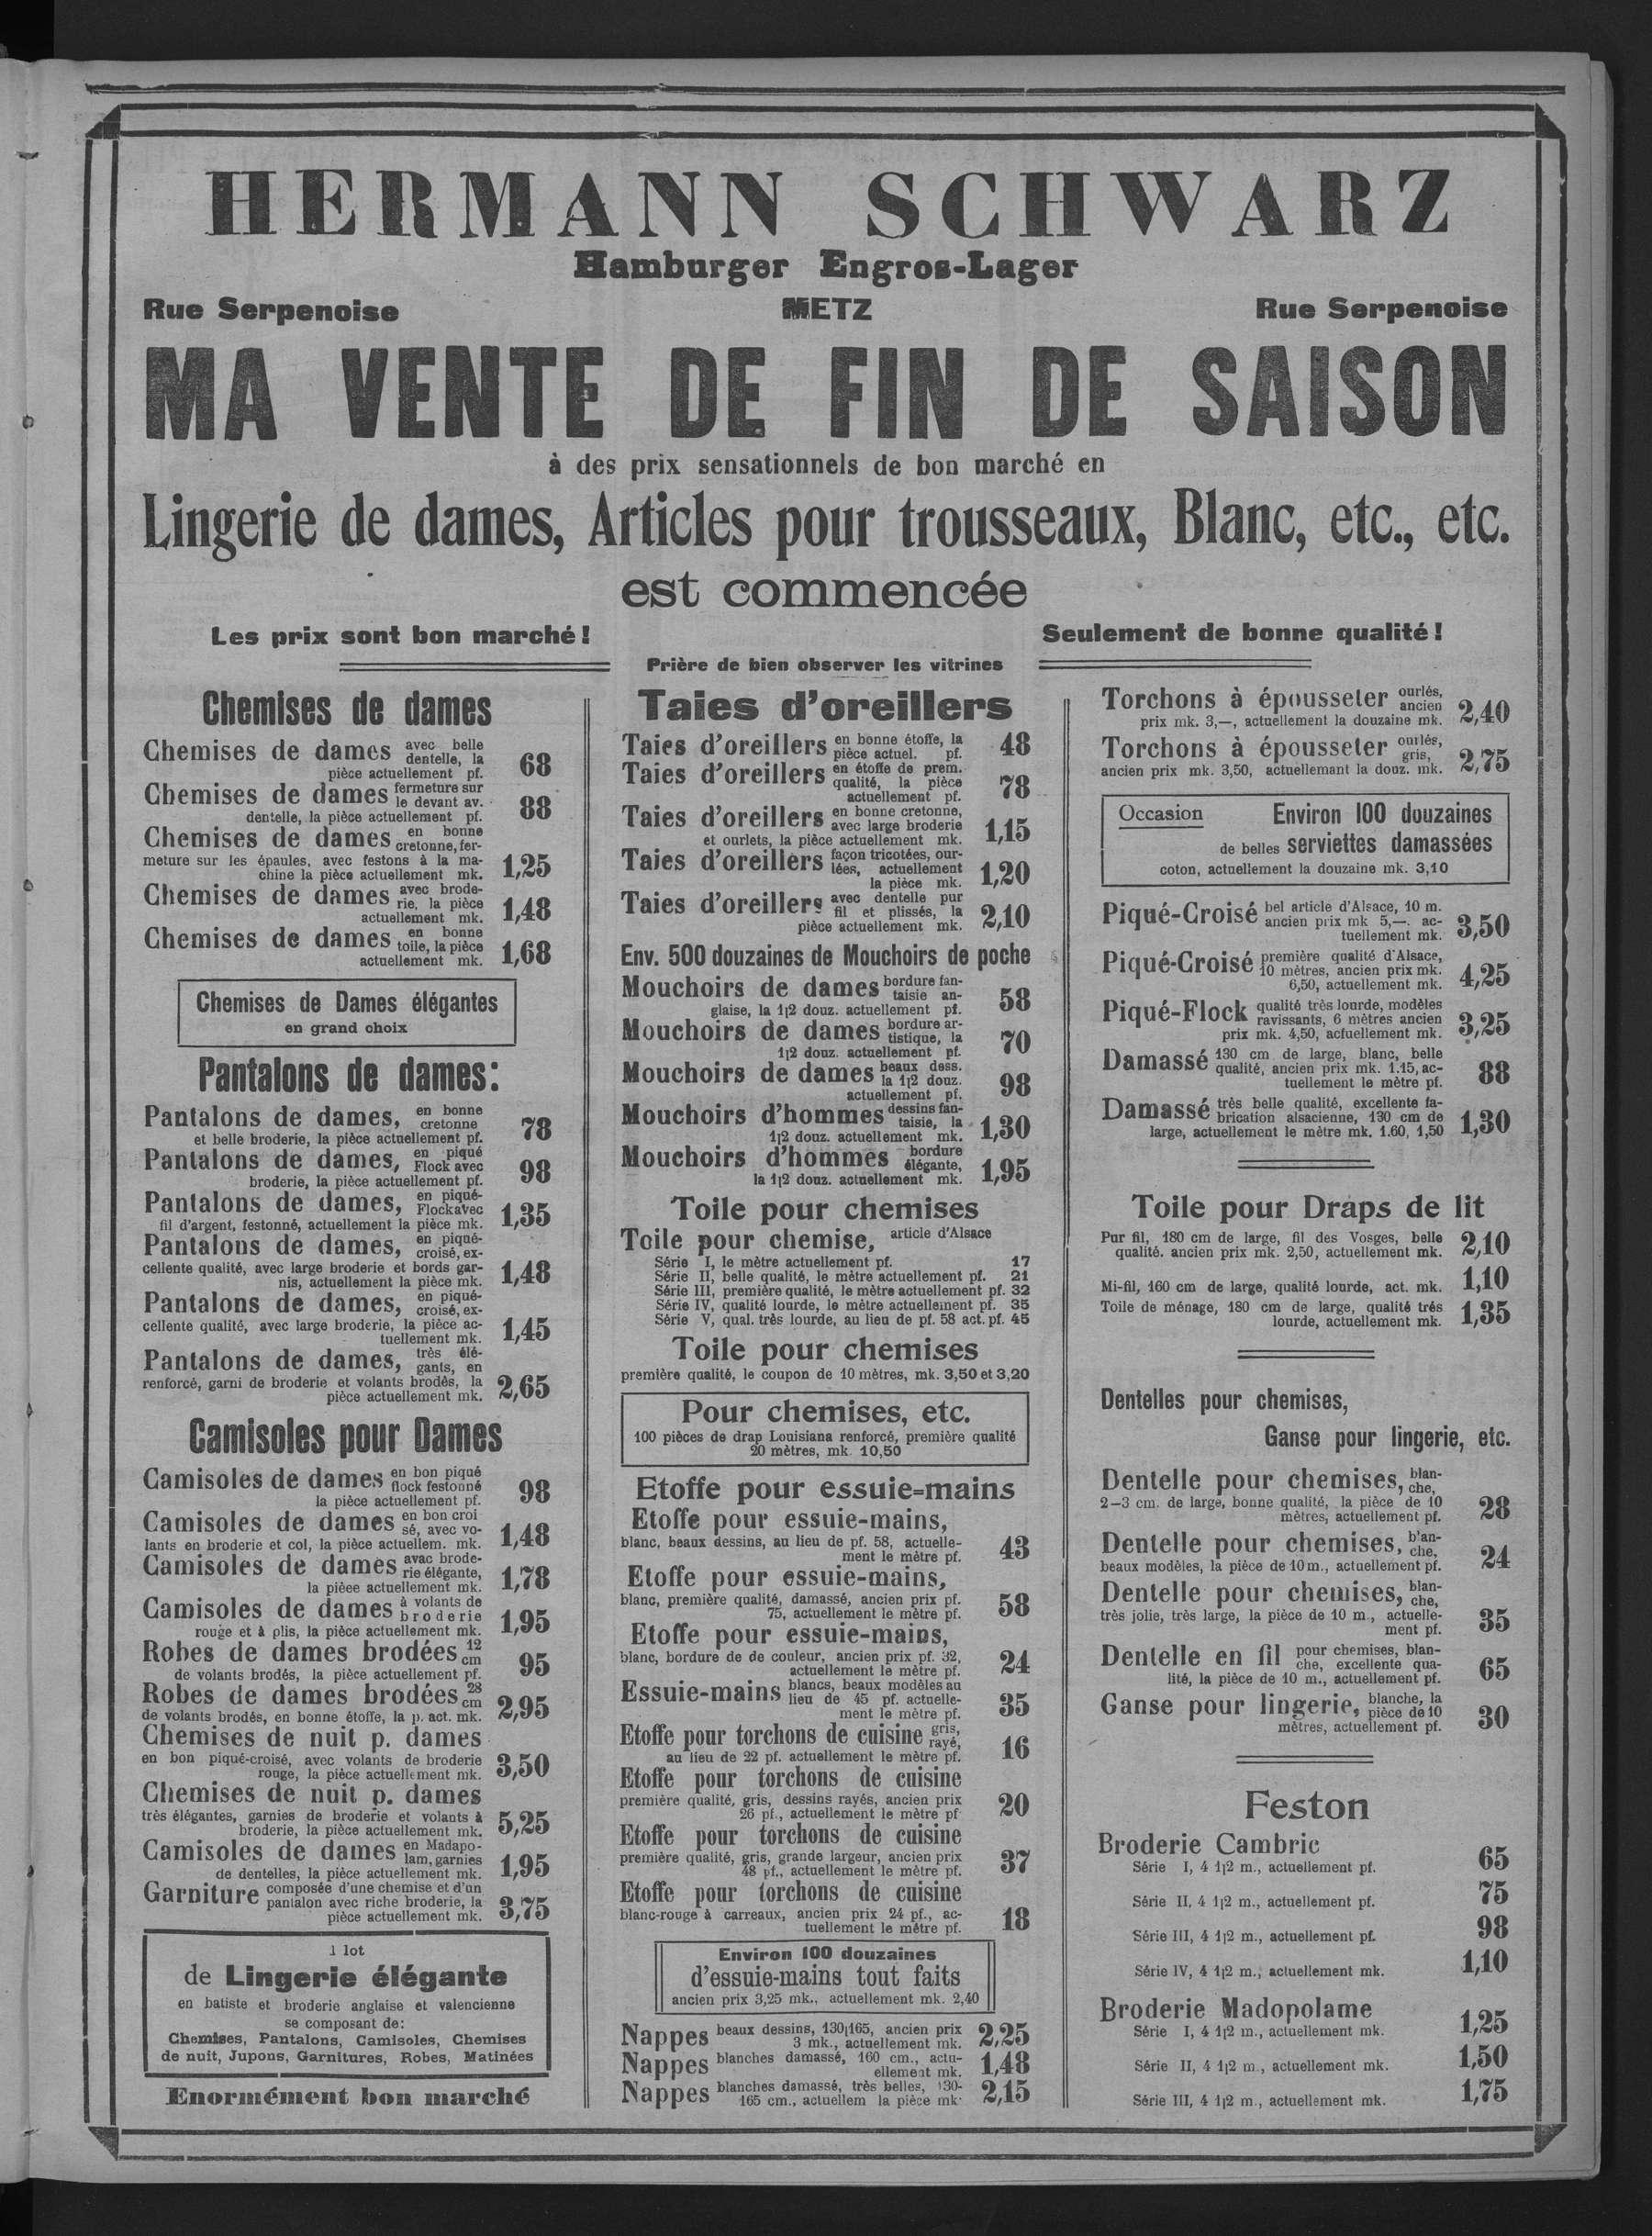 Contenu du Hermann Schwarz. Hamburger Engros-Leger. Vente de fin de saison. Lingerie de dames, articles pour trousseaux...